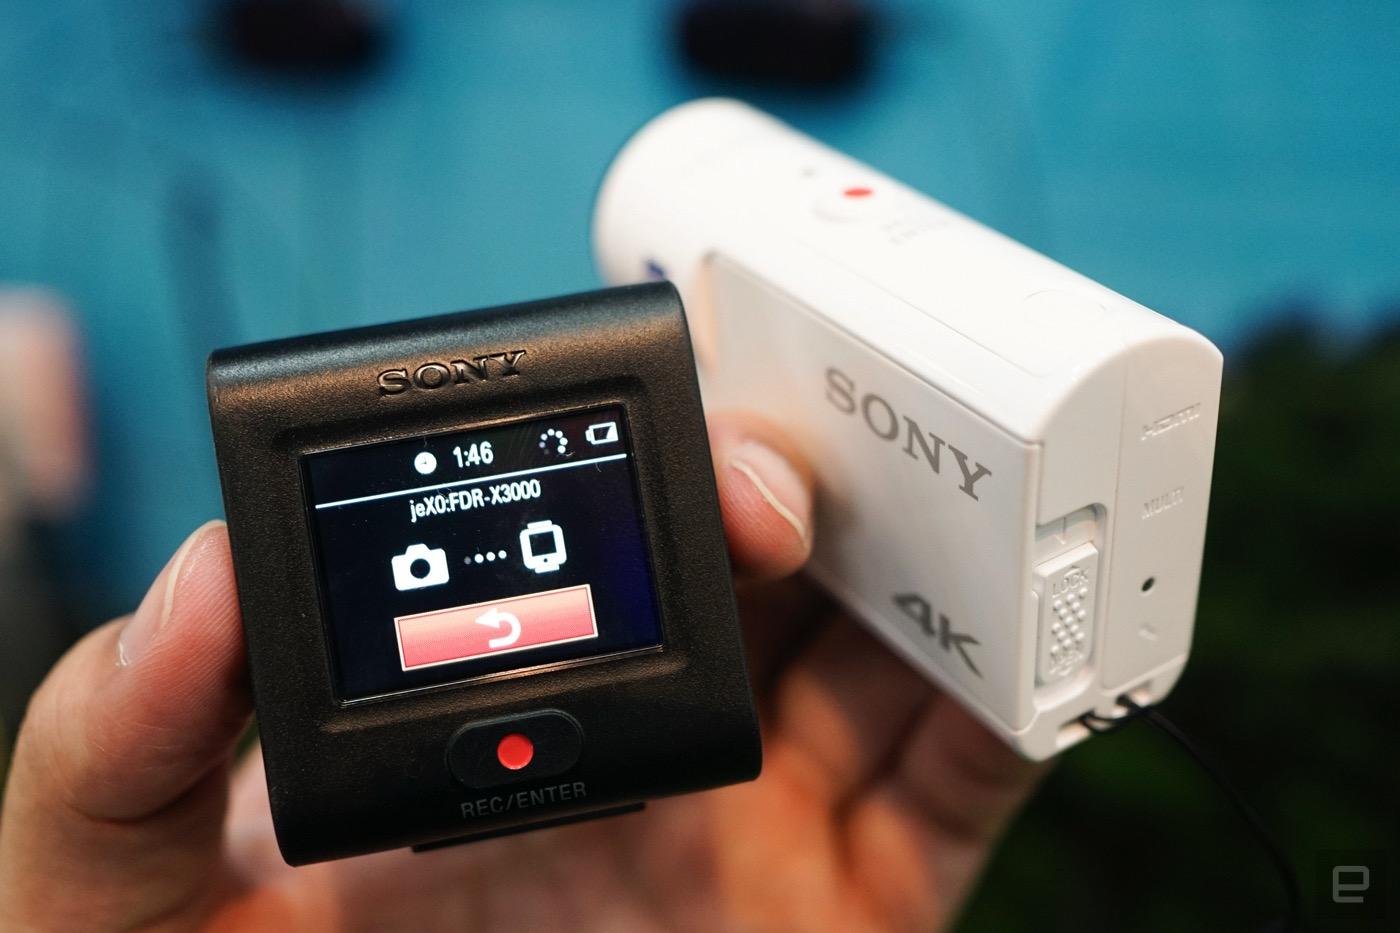 搭載光學防抖的新款索尼 Action Cam 動手玩